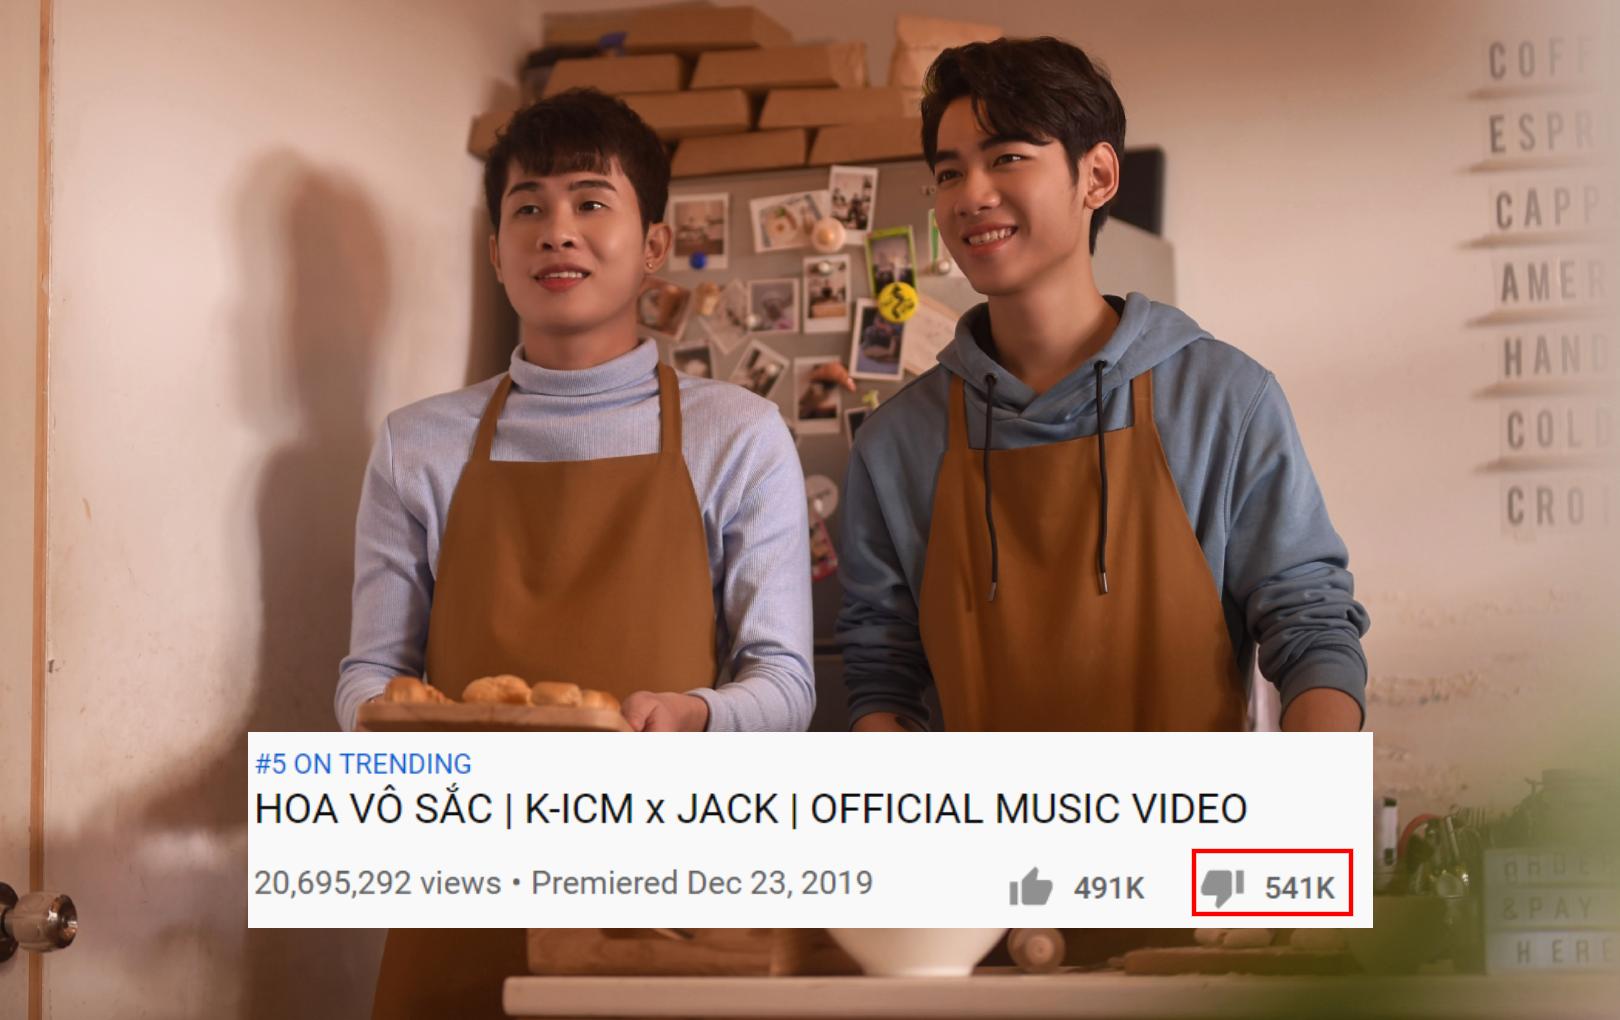 """Bị tẩy chay, MV """"Hoa vô sắc"""" giờ đã có lượng dislike vượt mặt lượt like"""